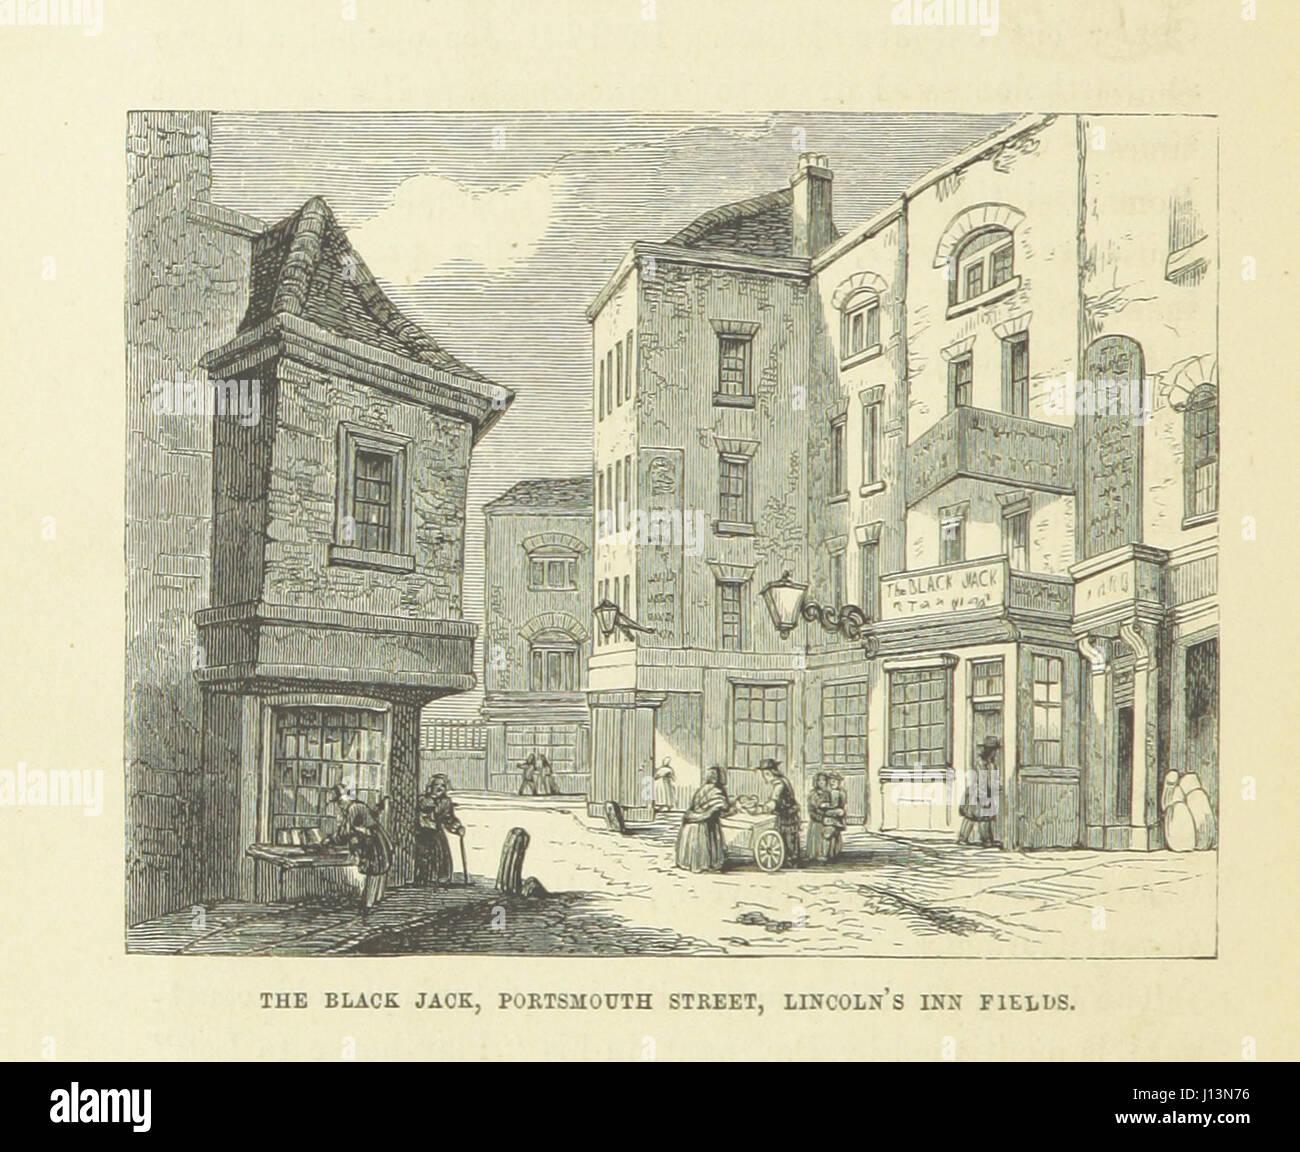 Haunted Londres ... Ilustrado por F. W. Fairholt Imagen De Stock